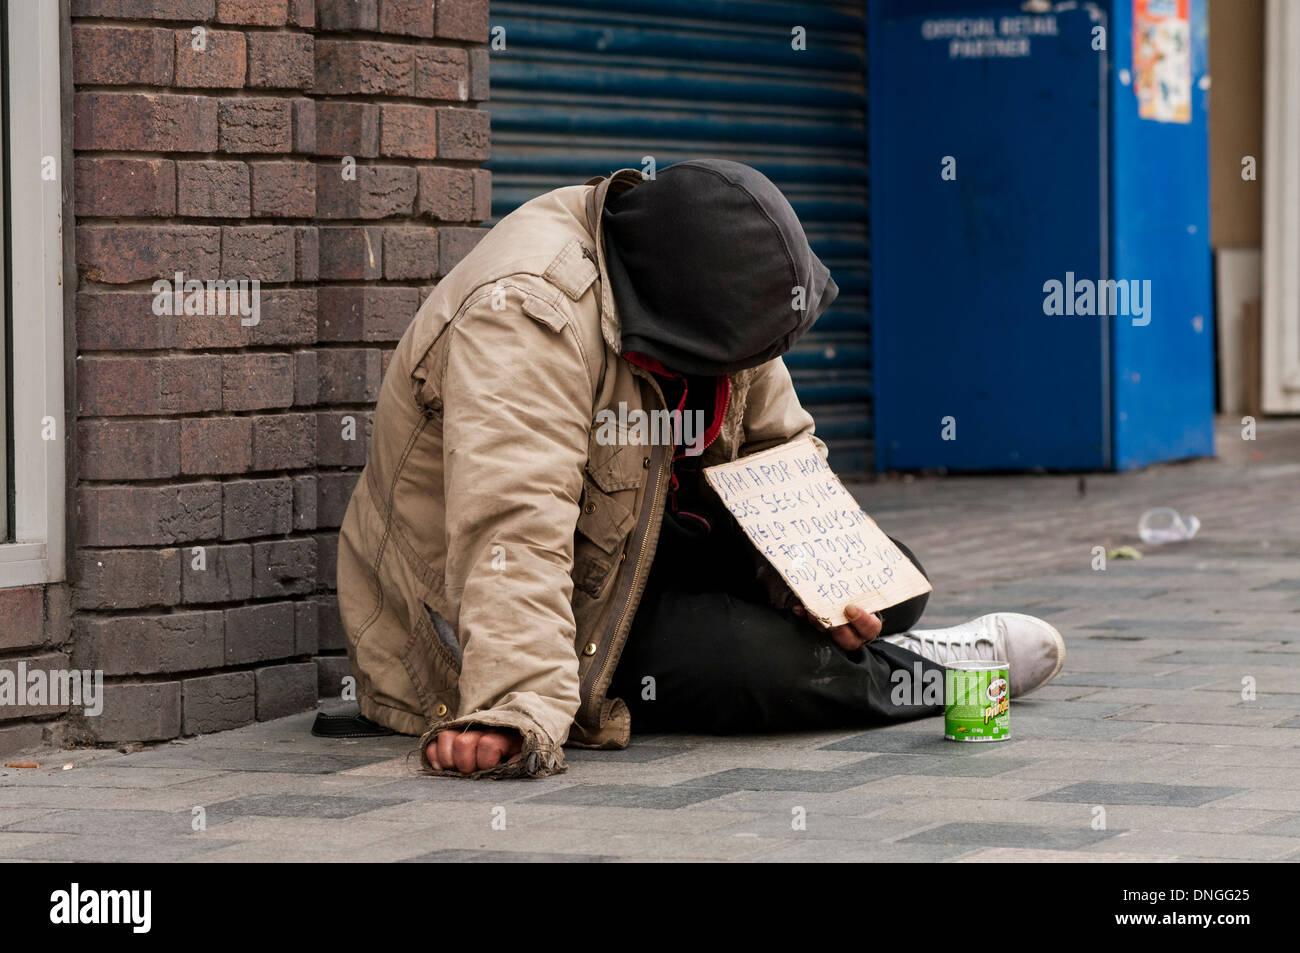 Sans-abri mendier dans Sauchihall Street à Glasgow, Écosse, Royaume-Uni. Il est assis à côté d'un magasin qui a été fermé. Photo Stock